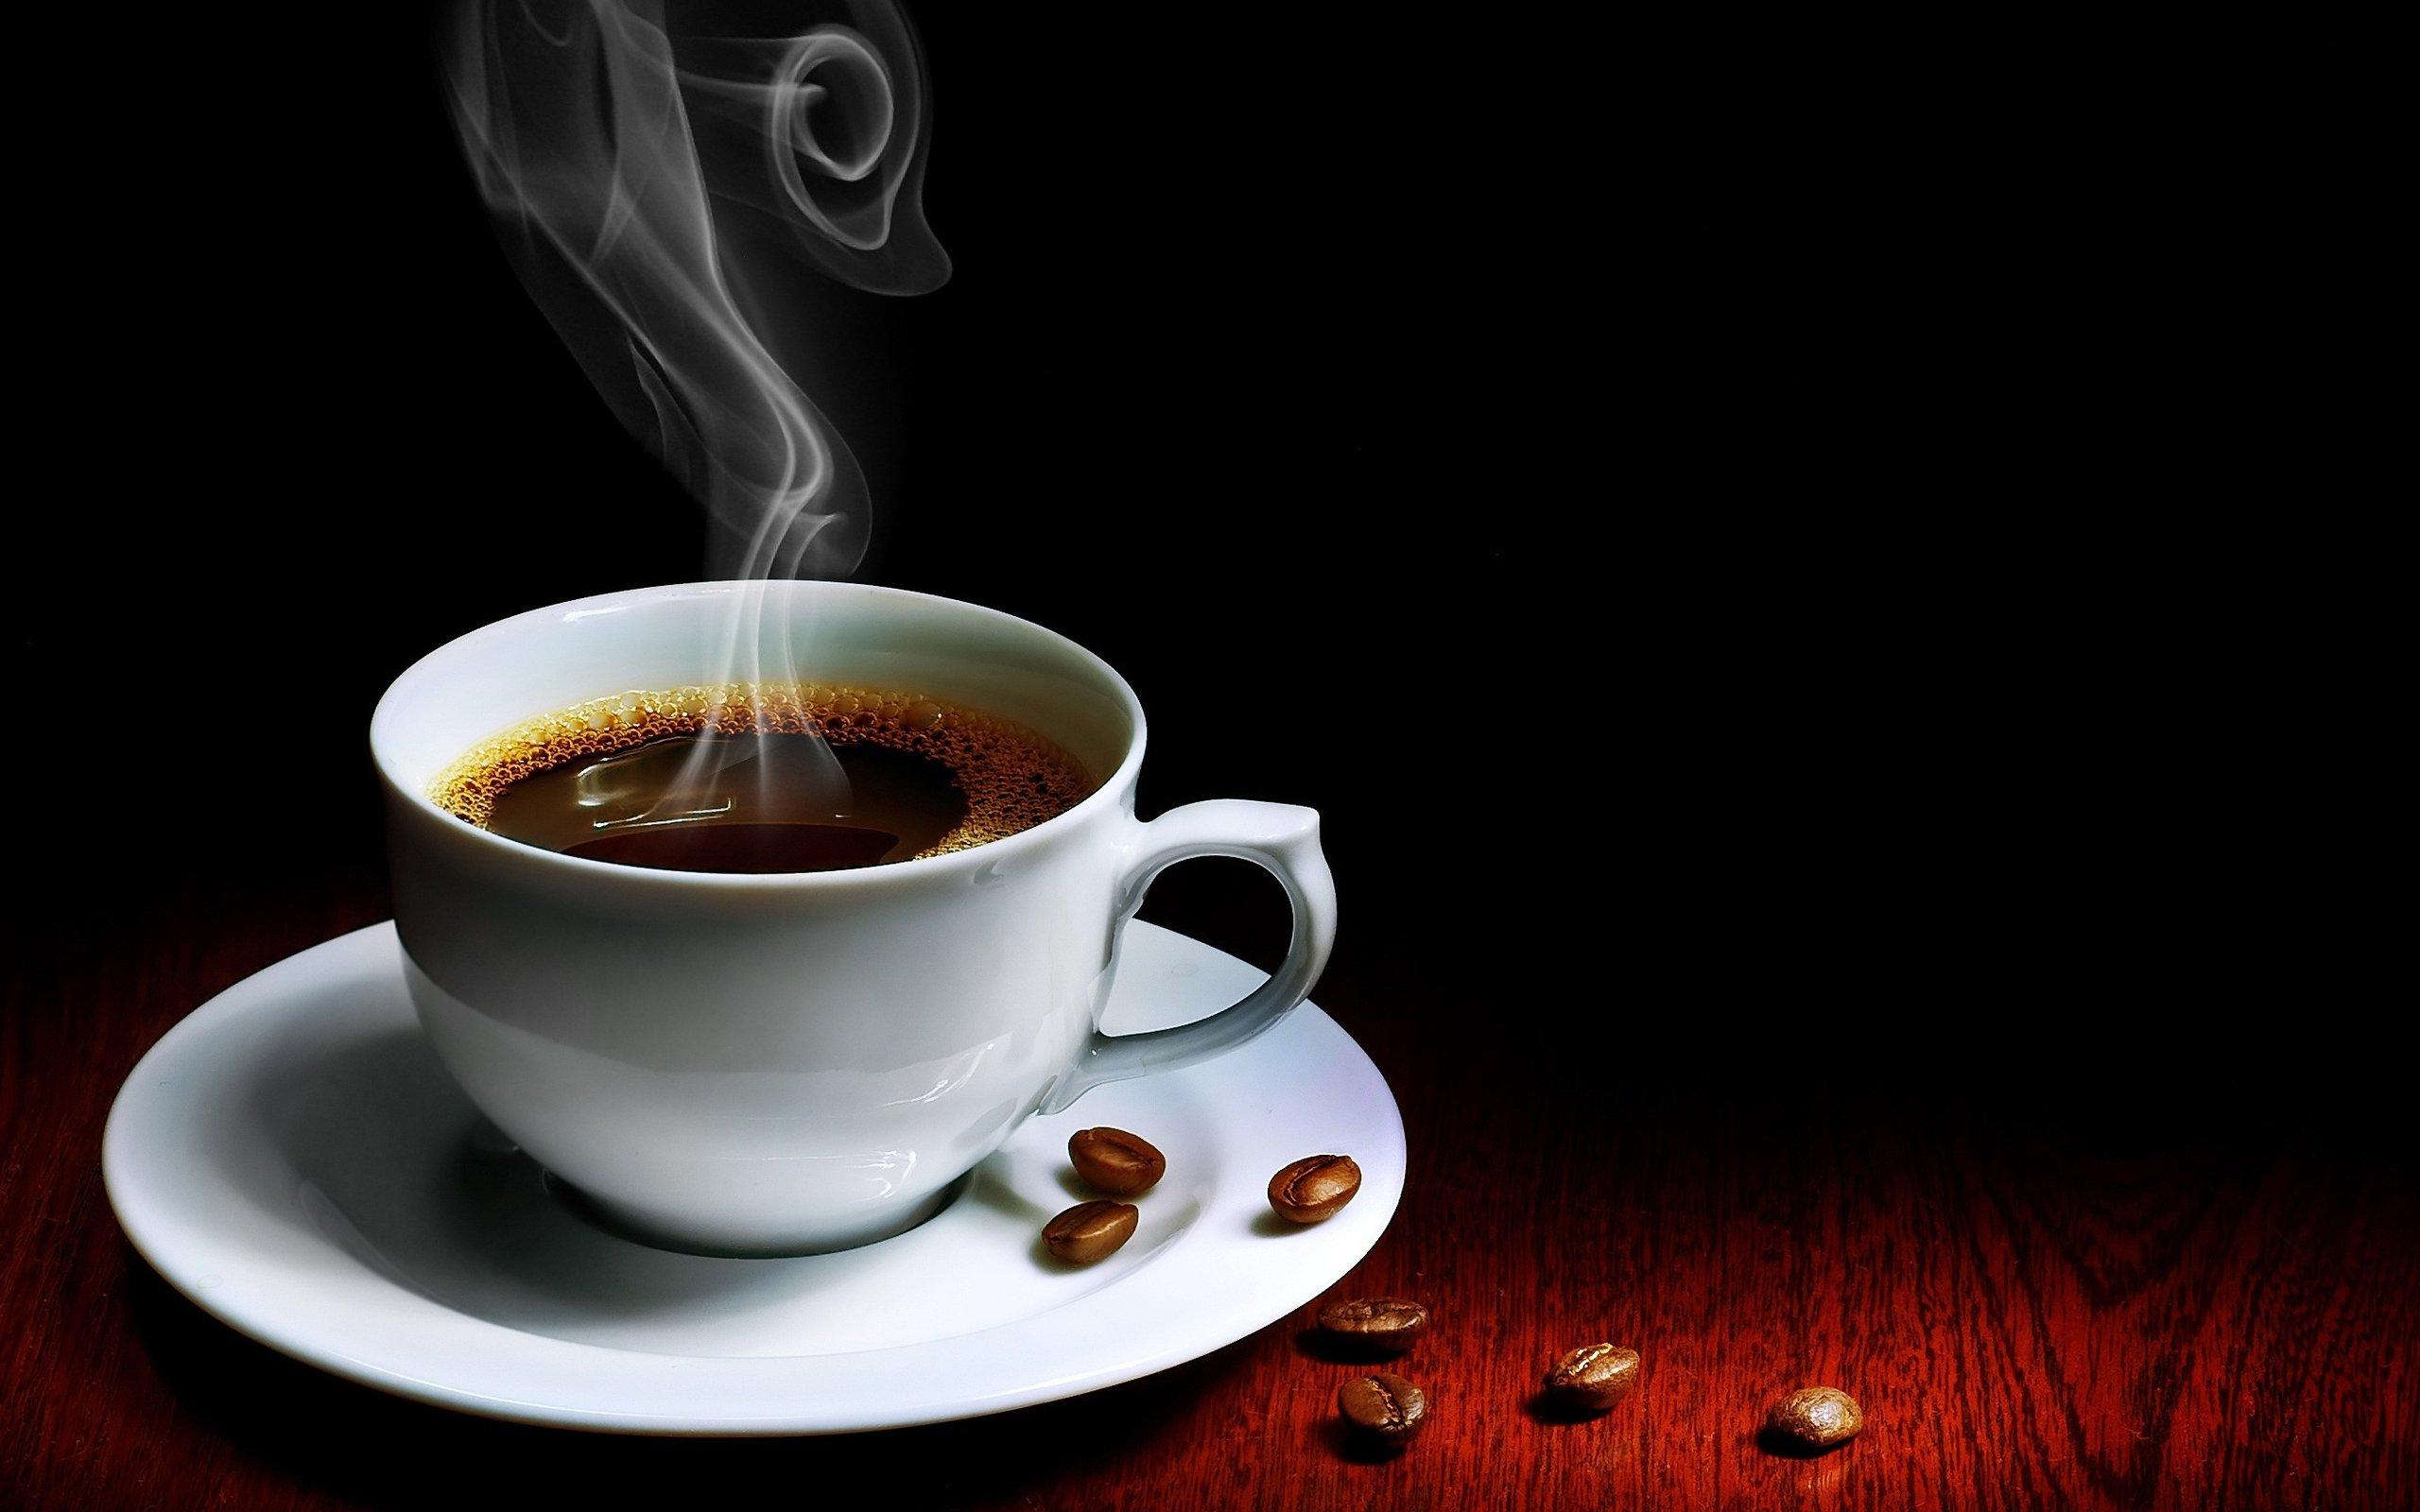 мероприятий: кино, фото с чашкой кофе смотрится